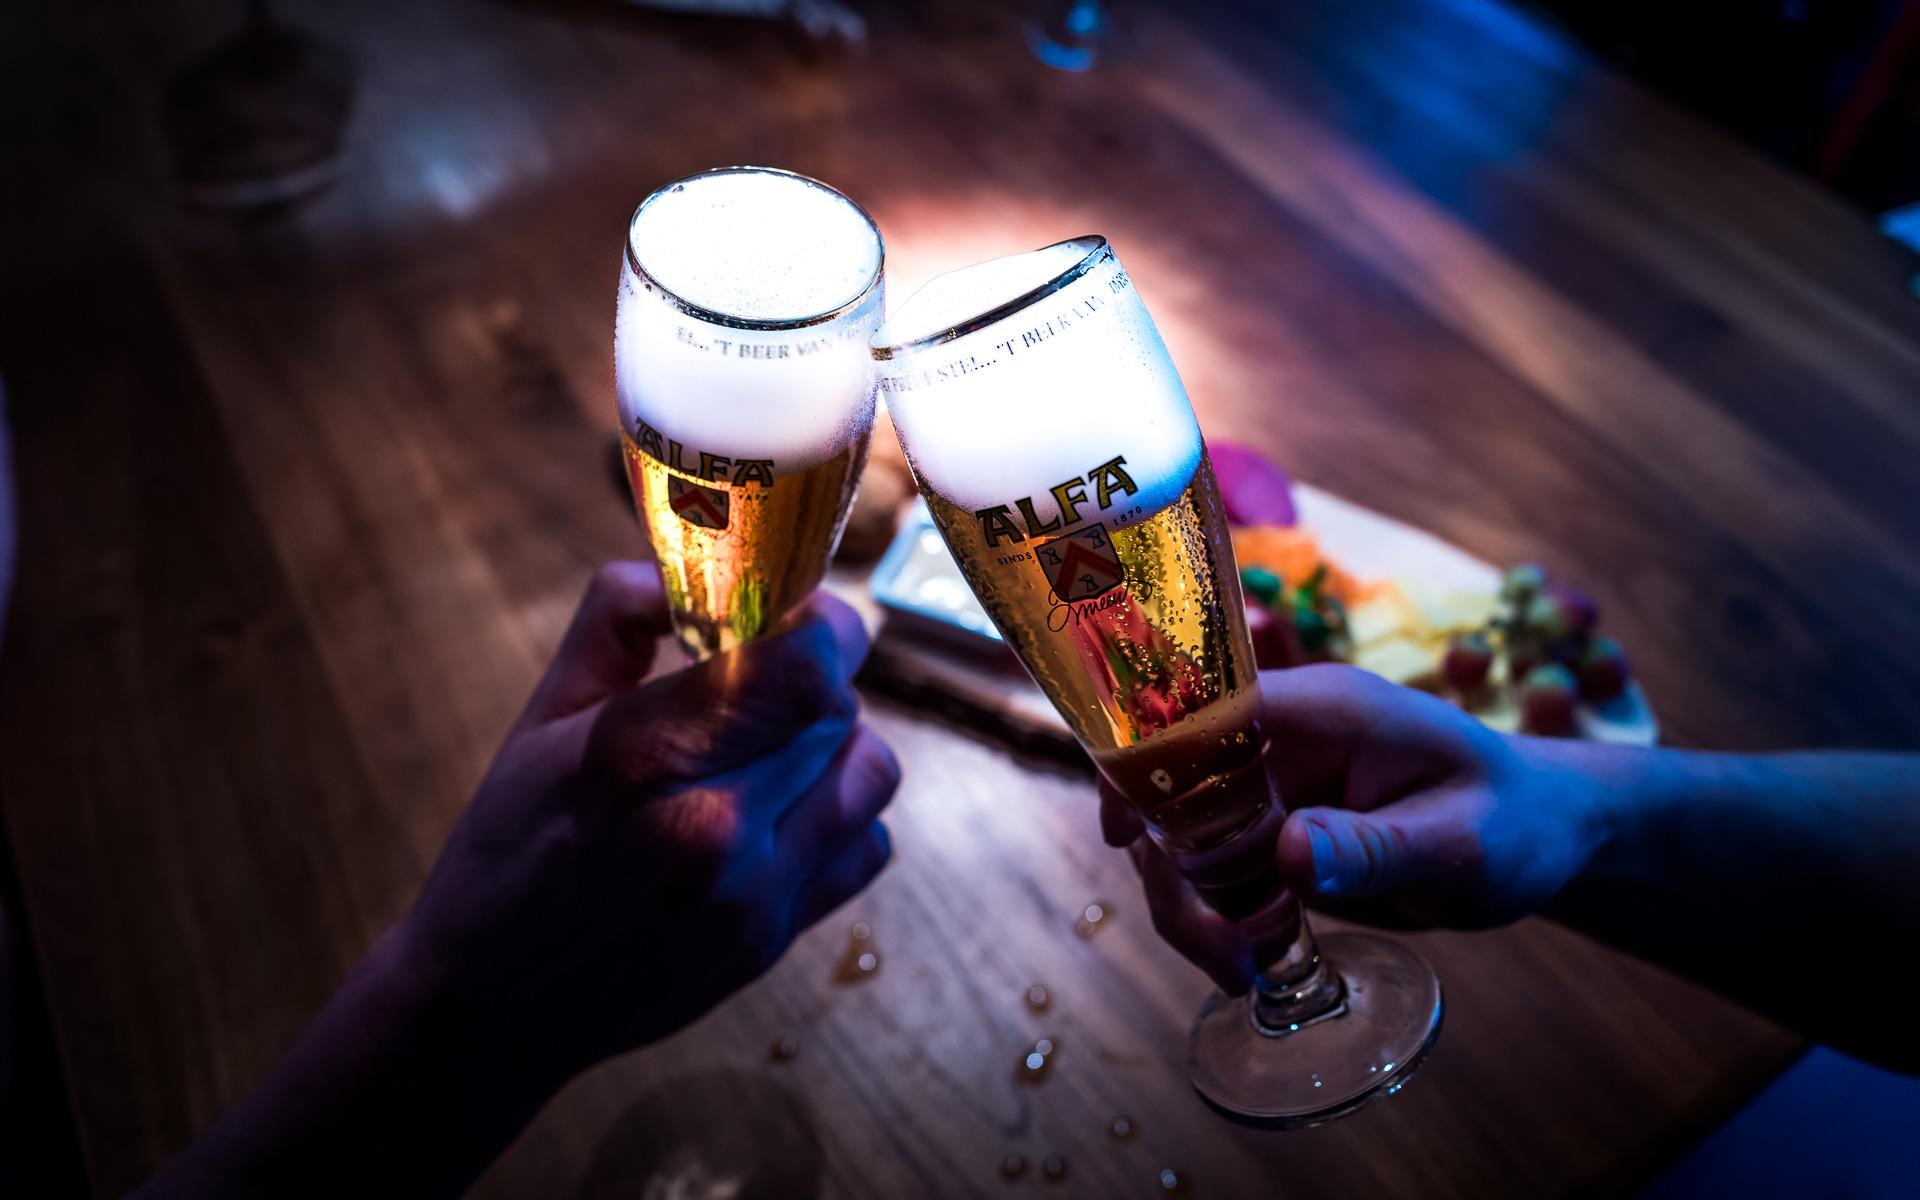 De bierkaart